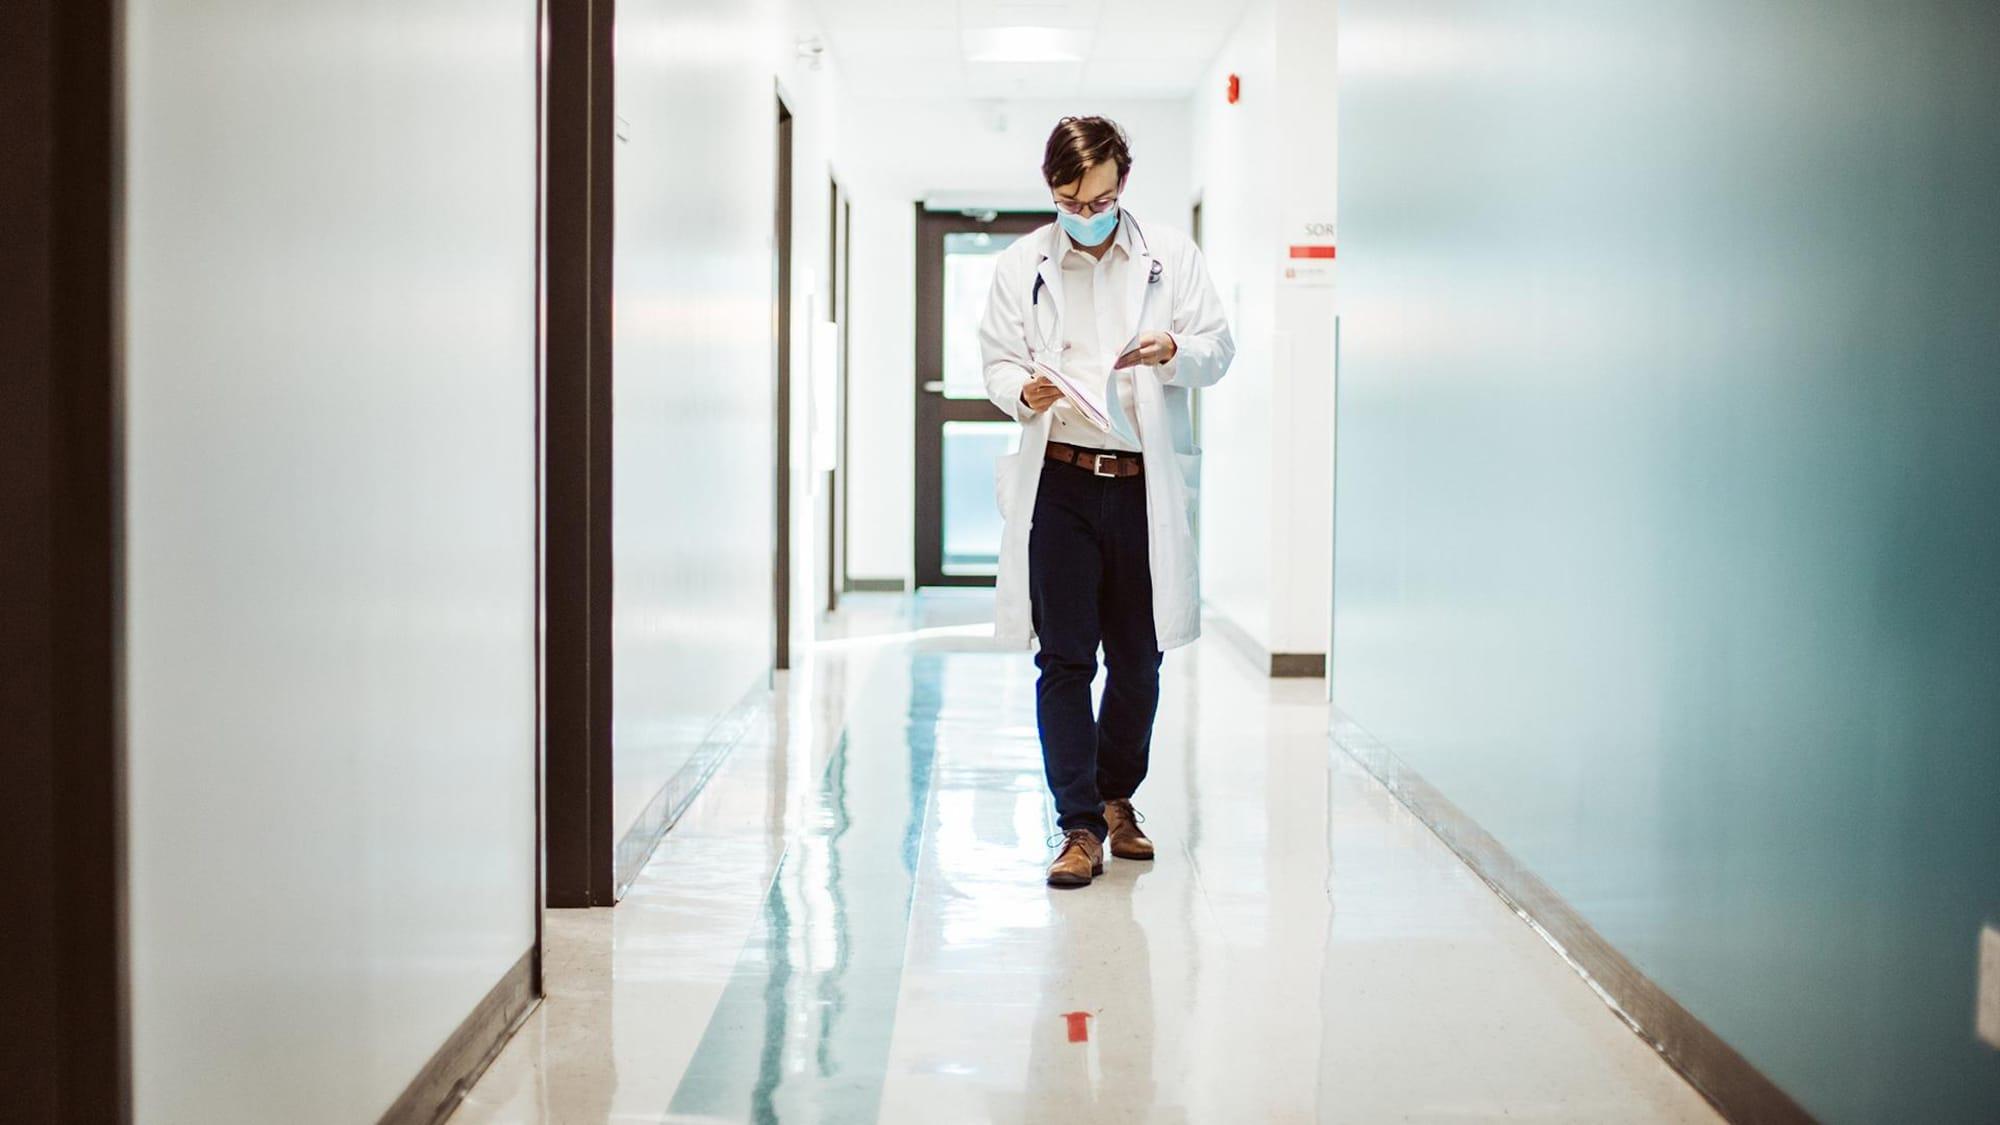 Le Dr Simard marche en lisant un dossier.